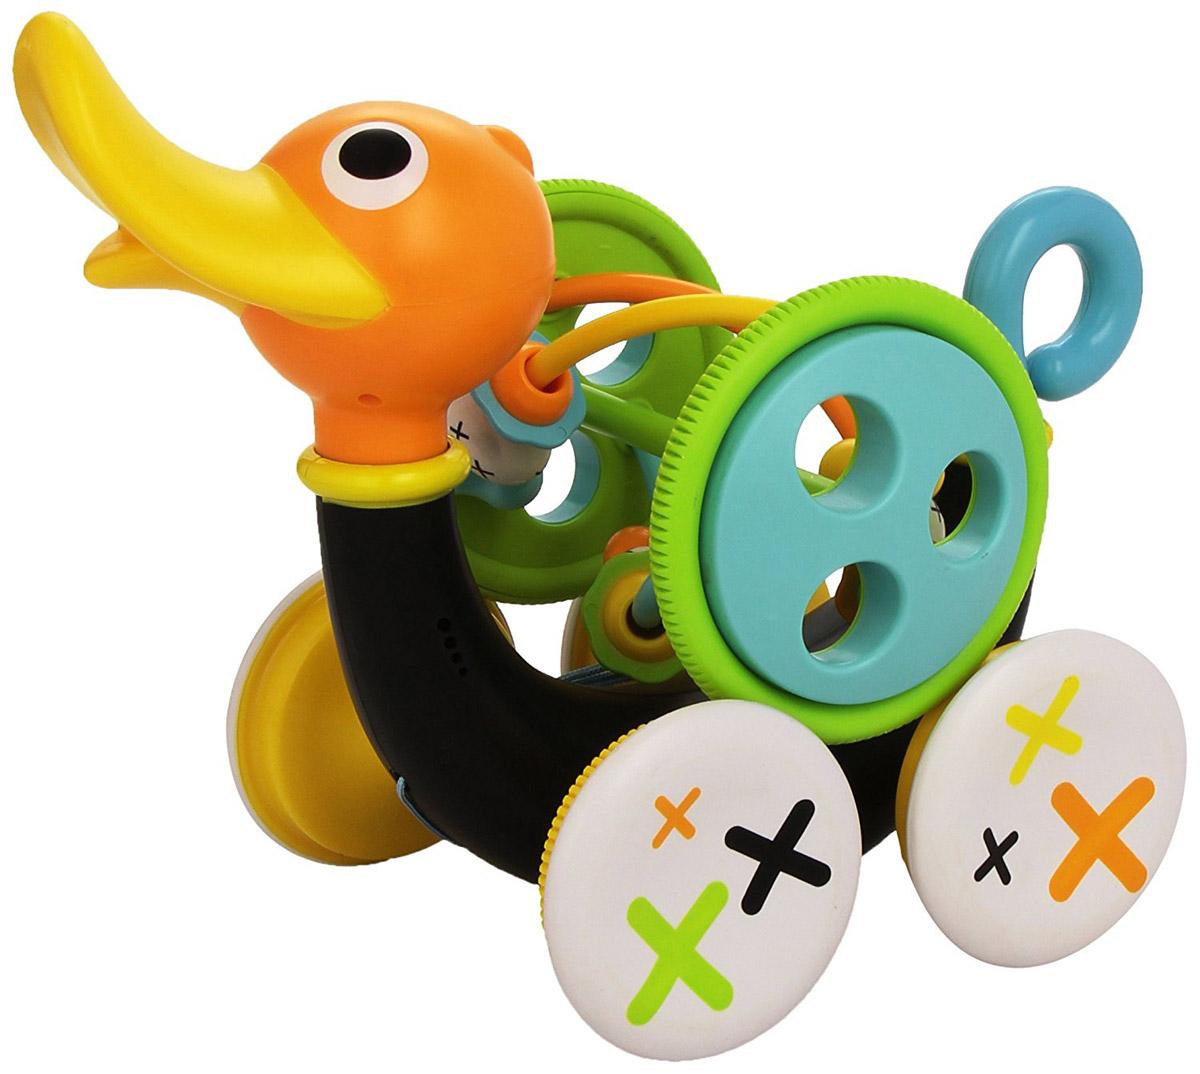 Yookidoo Каталка-лабиринт Музыкальная уточка40111С развивающей игрушкой Yookidoo Музыкальная уточка малыш научится совершать свои первые шаги. Игрушка выполнена из прочного безопасного пластика. Ребенок тянет за веревочку (которая располагается в теле уточки), и игрушка едет вперед, при этом она свистит и издает забавные звуки. Звуки включаются только тогда, когда игрушка едет. Для того, чтобы насладиться игрой, малыш должен учиться шагать вперед и при этом тянуть уточку за собой. Если ребенку надоест музыкальное сопровождение, то его можно отключить, повернув хвостик Уточки. Кроме этого, дополнительно в набор входит большая игрушка-погремушка, которая крепится к телу Уточки. Погремушку можно снимать и использовать как отдельную игрушку. На игрушке располагаются различные элементы, которые малыш может перетаскивать пальчиками из стороны в сторону. Музыкальная уточка учит малыша ходить, развивает мелкую моторику рук, логику, слуховое восприятие. Она обязательно понравится малышу и доставит ему много удовольствия. Для работы игрушки необходимы 3 батарейки напряжением 1,5V типа АА (LR6) (не входят в комплект).